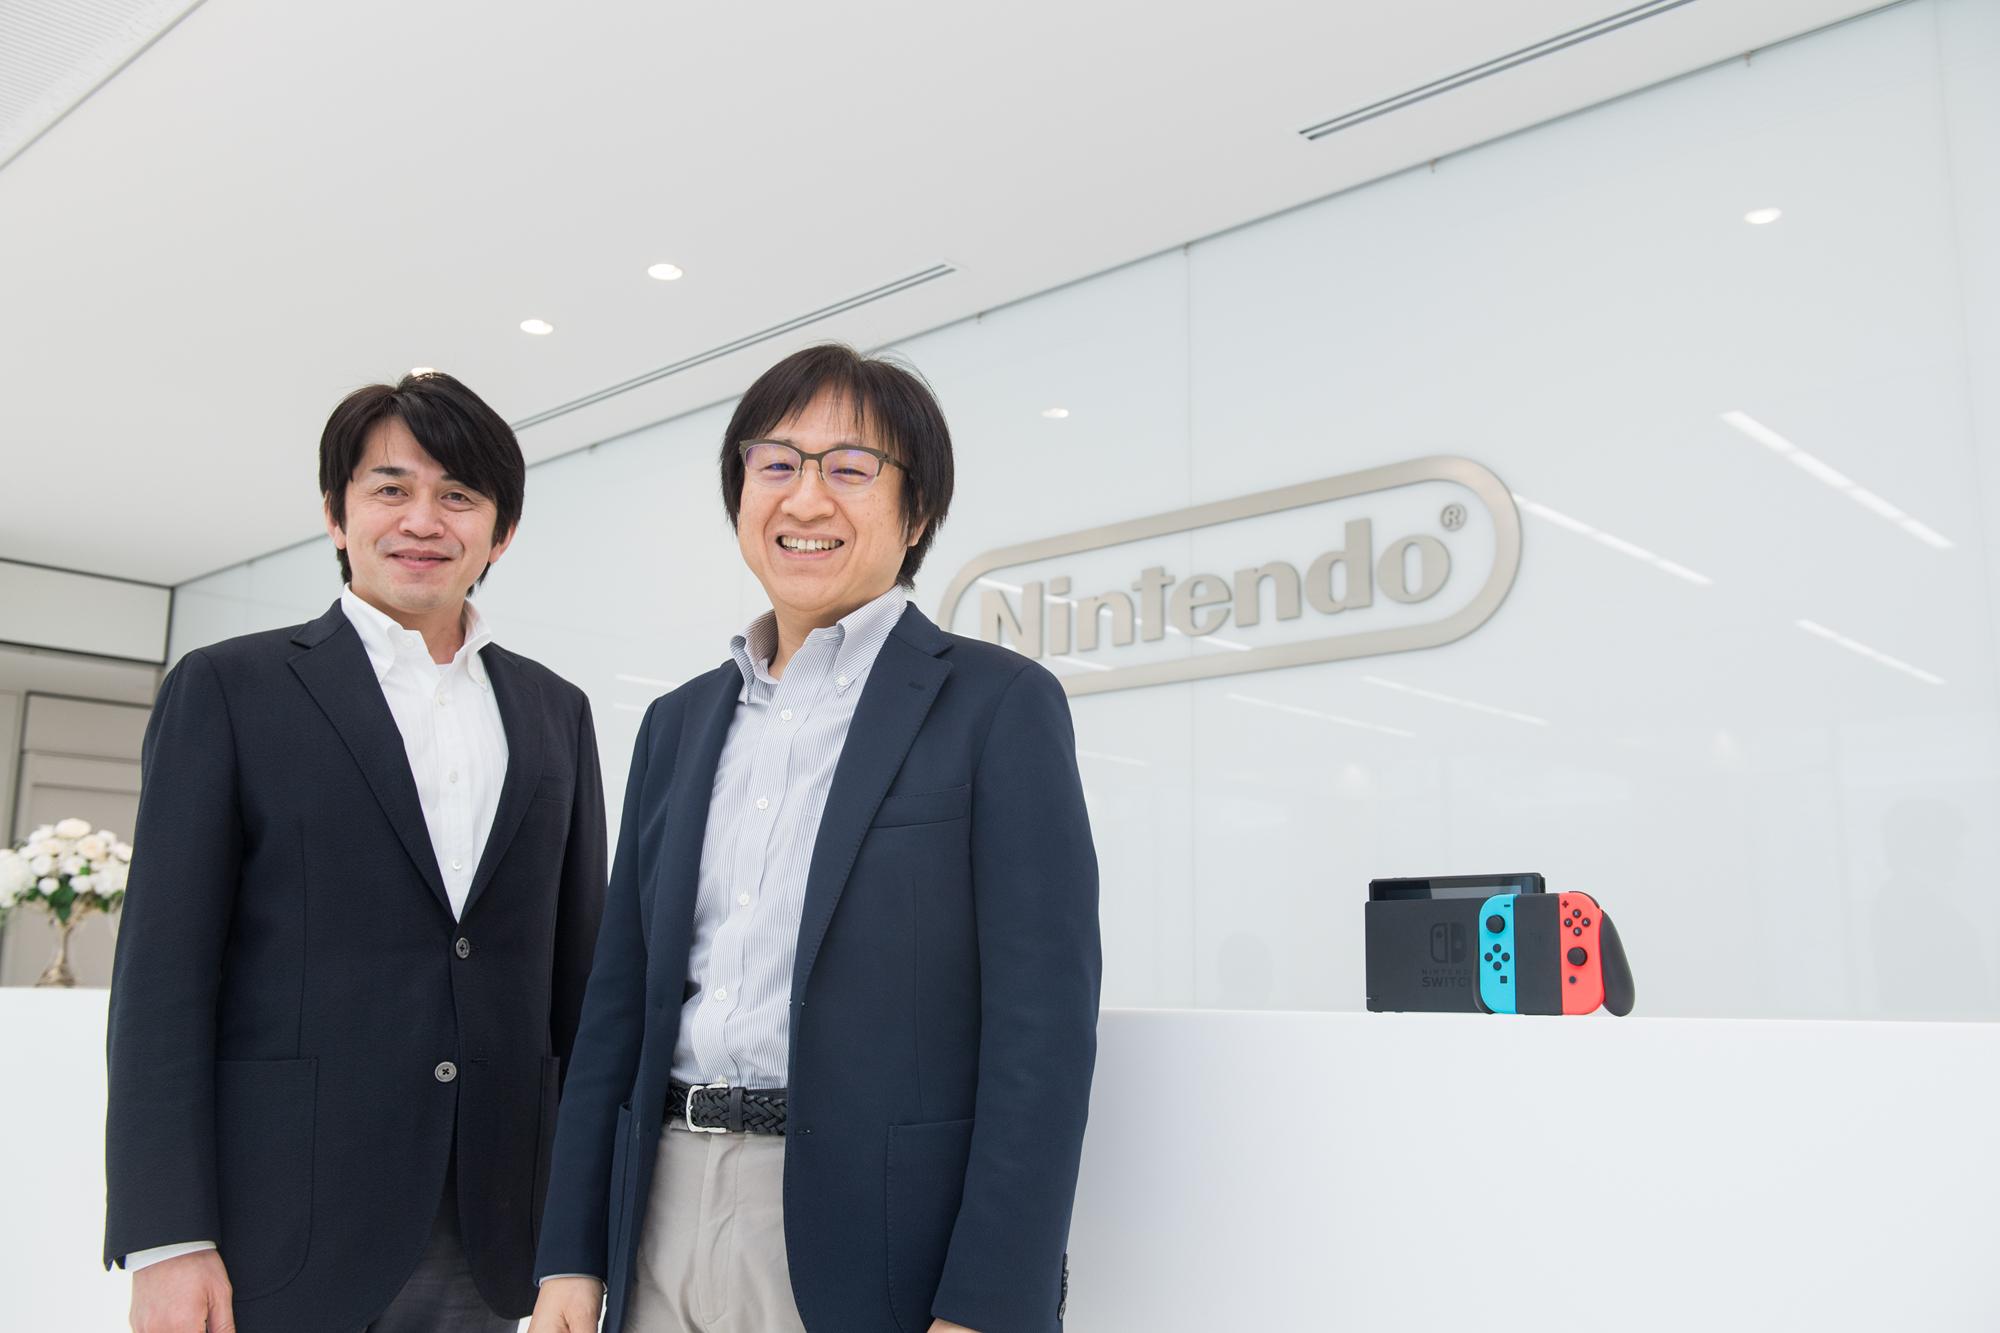 Yoshiaki Koizumi (L), Shinya Takahashi (R). Nintendo